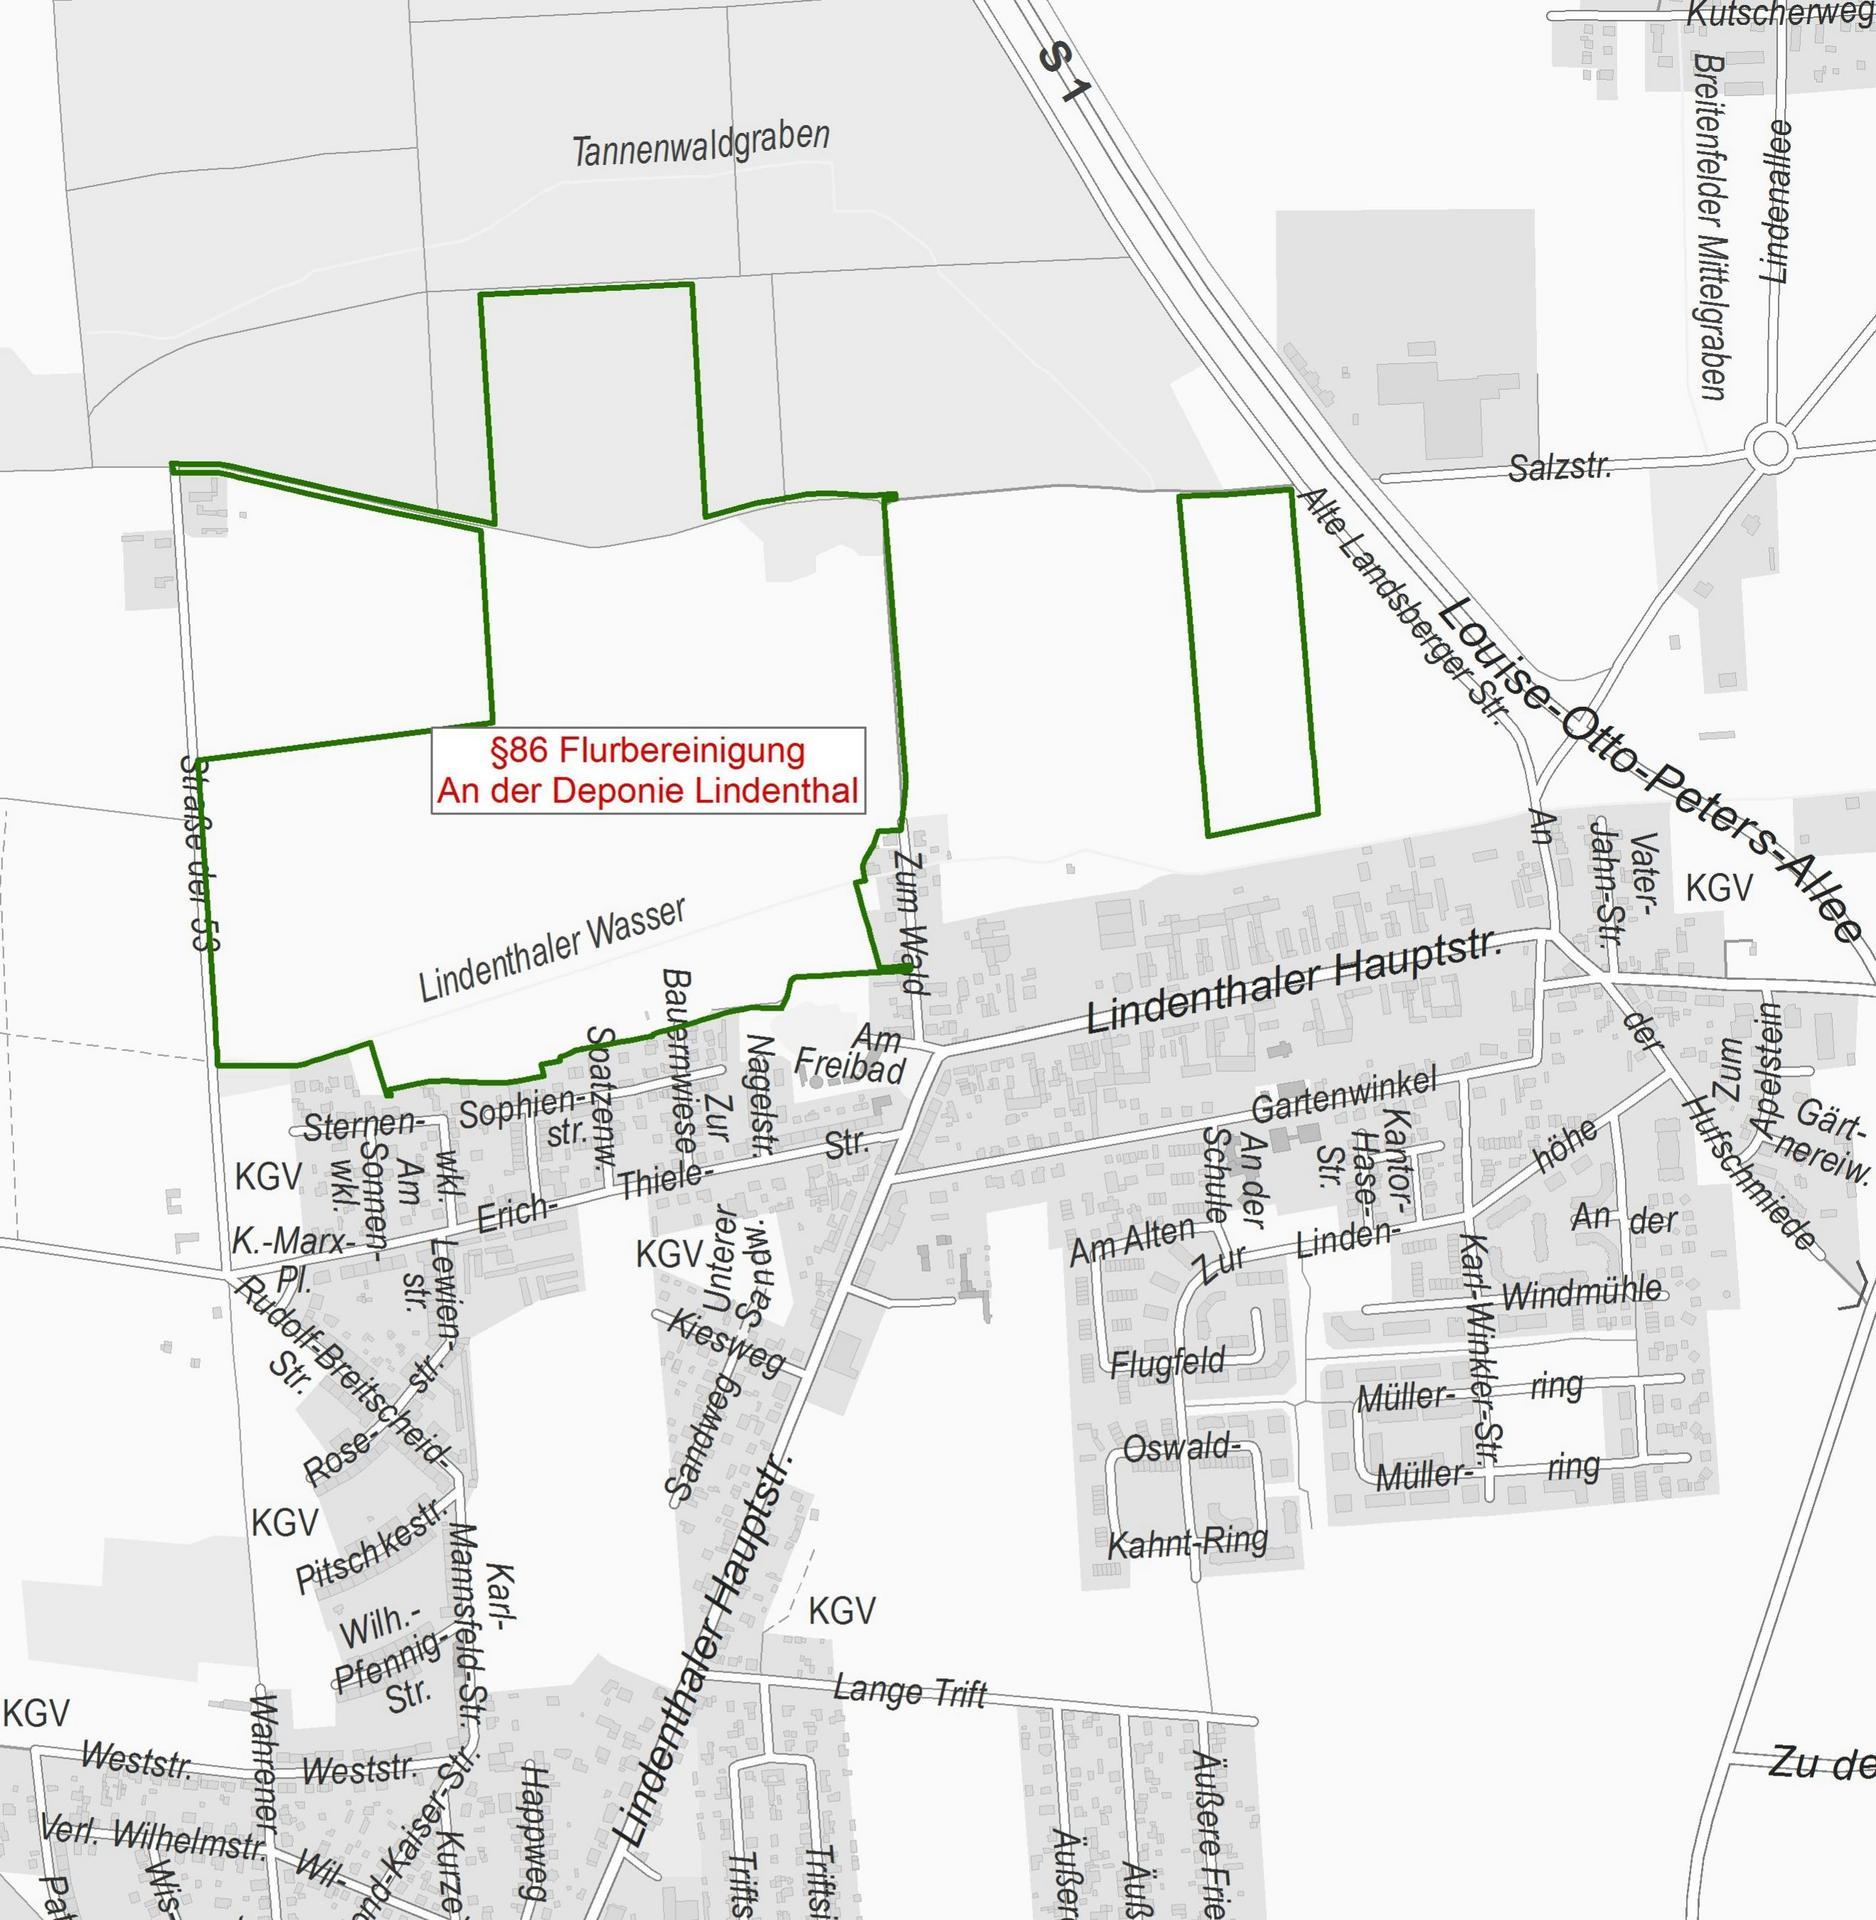 """Die Umringsgrenzen des Flurbereinigungsverfahrens """"An der Deponie Lindenthal"""" sind auf einer Karte dargestellt"""